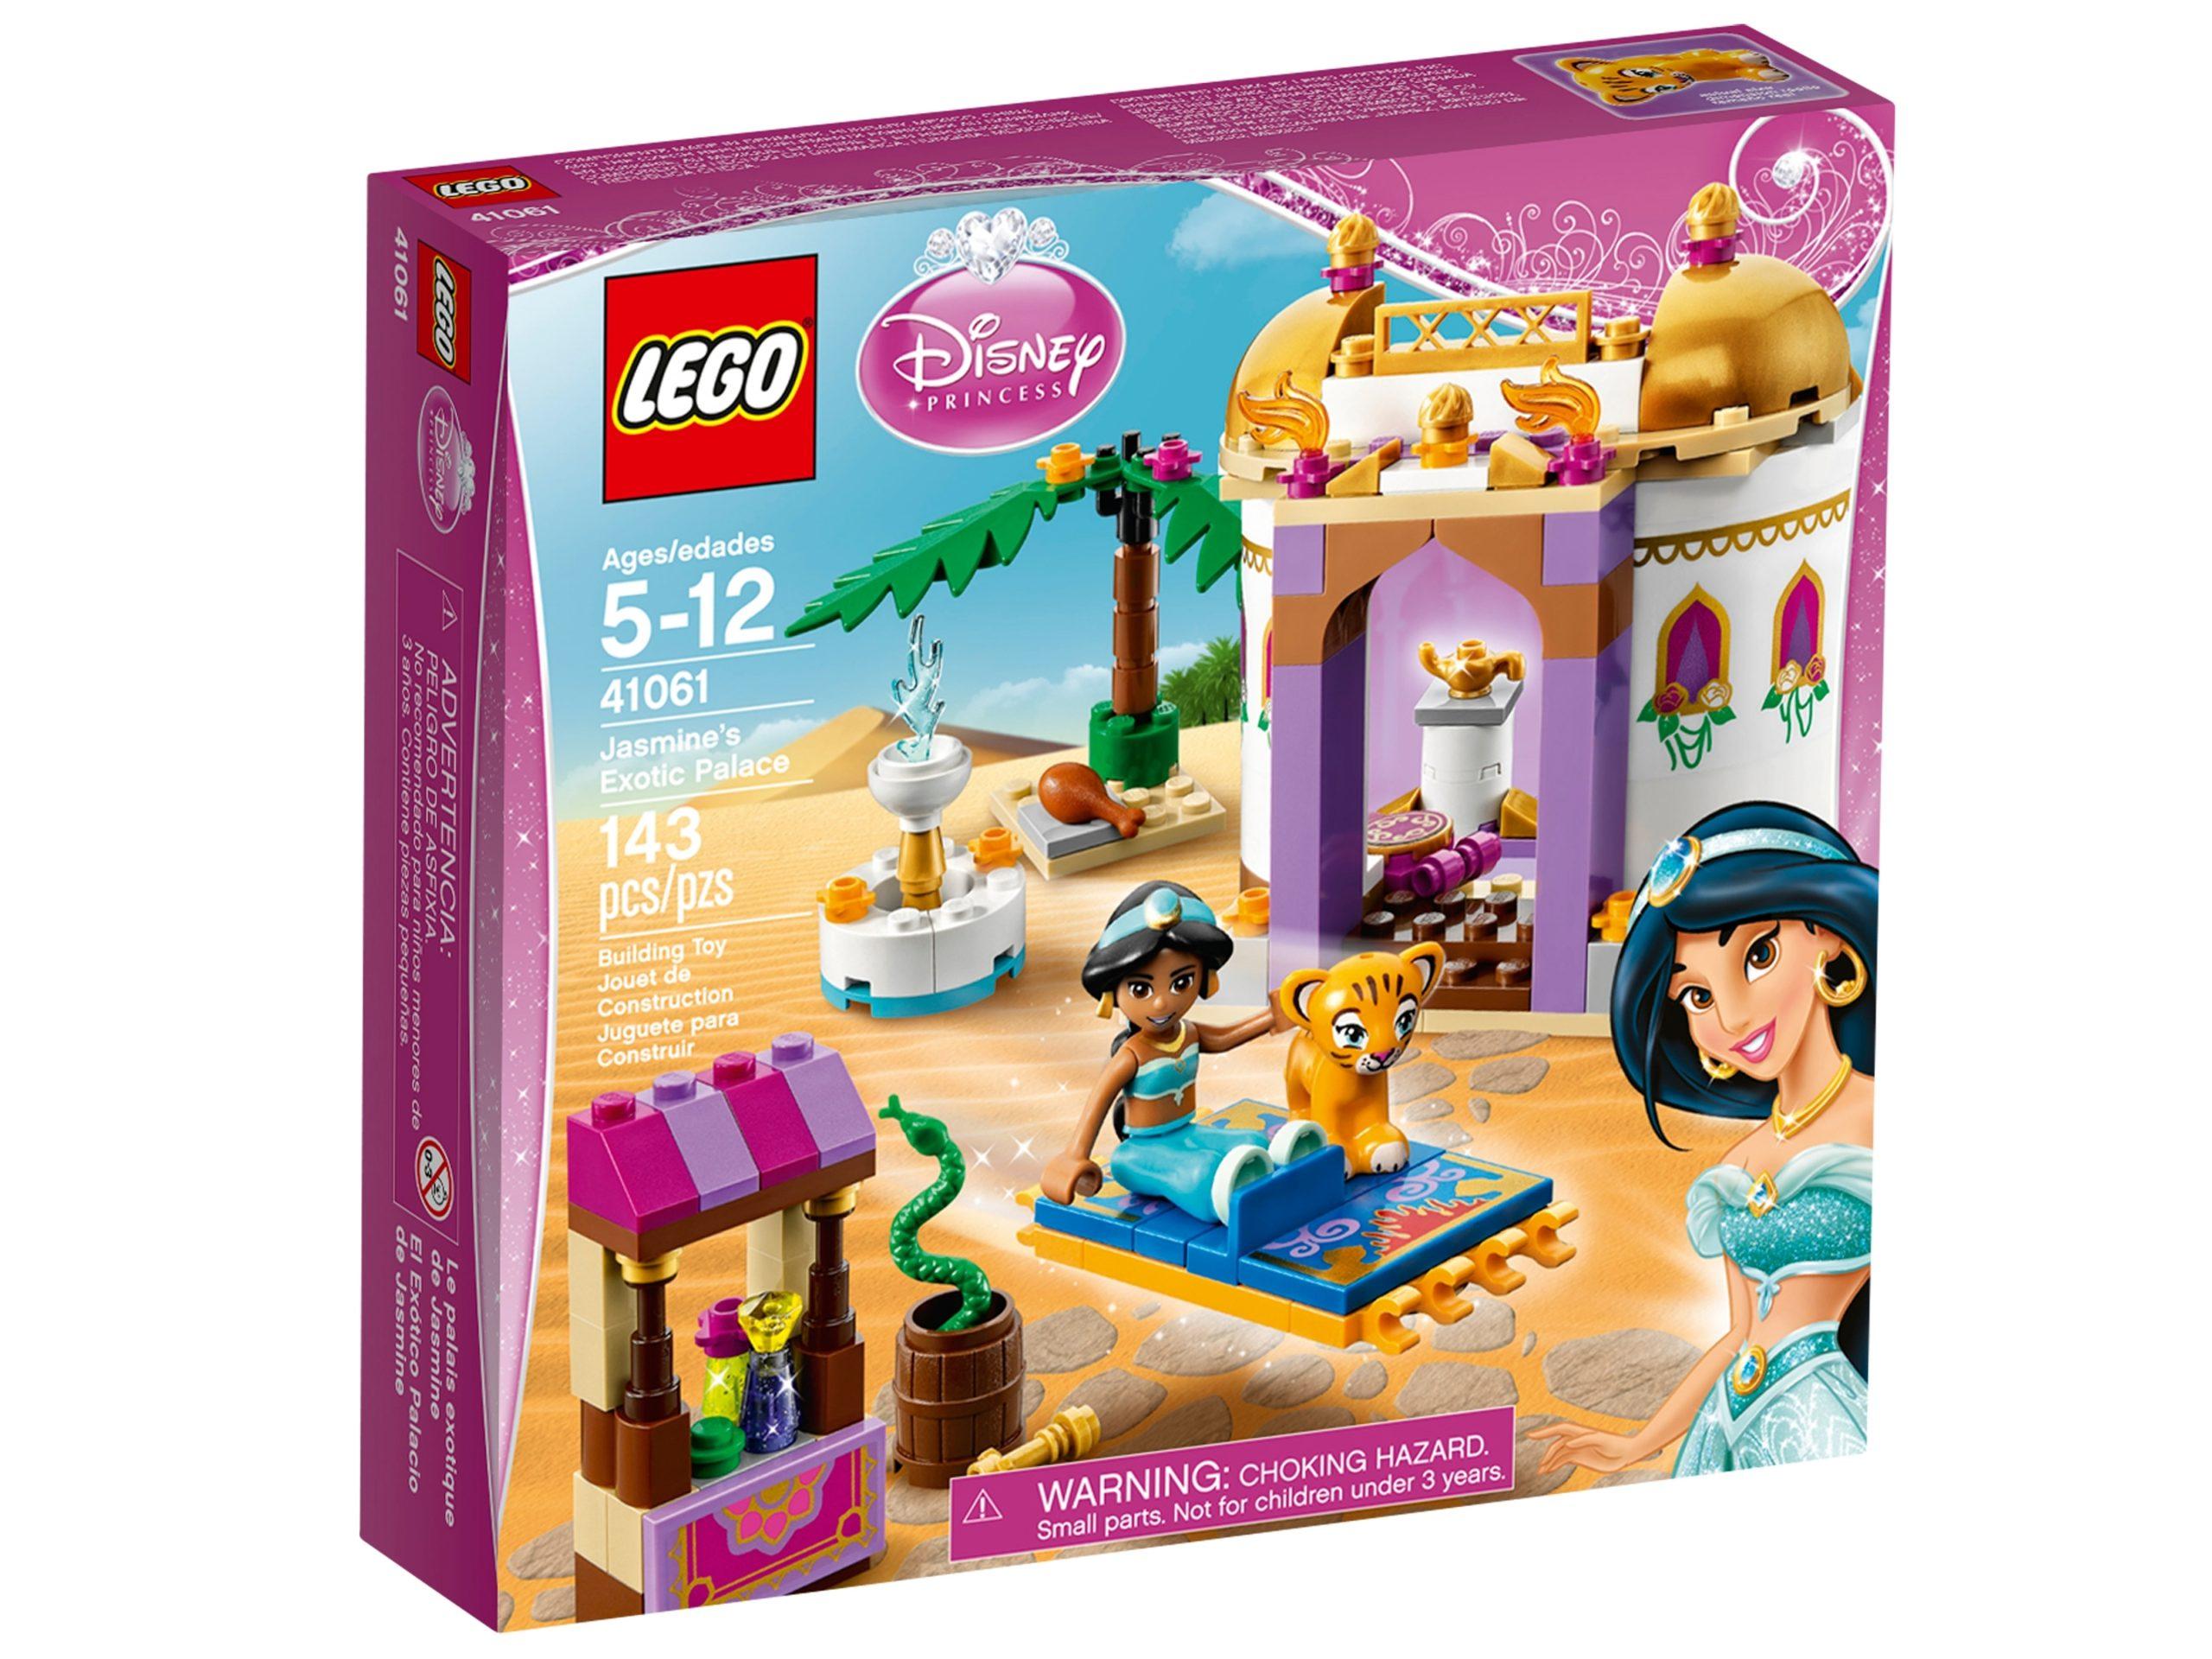 lego 41061 jasmines exotic palace scaled